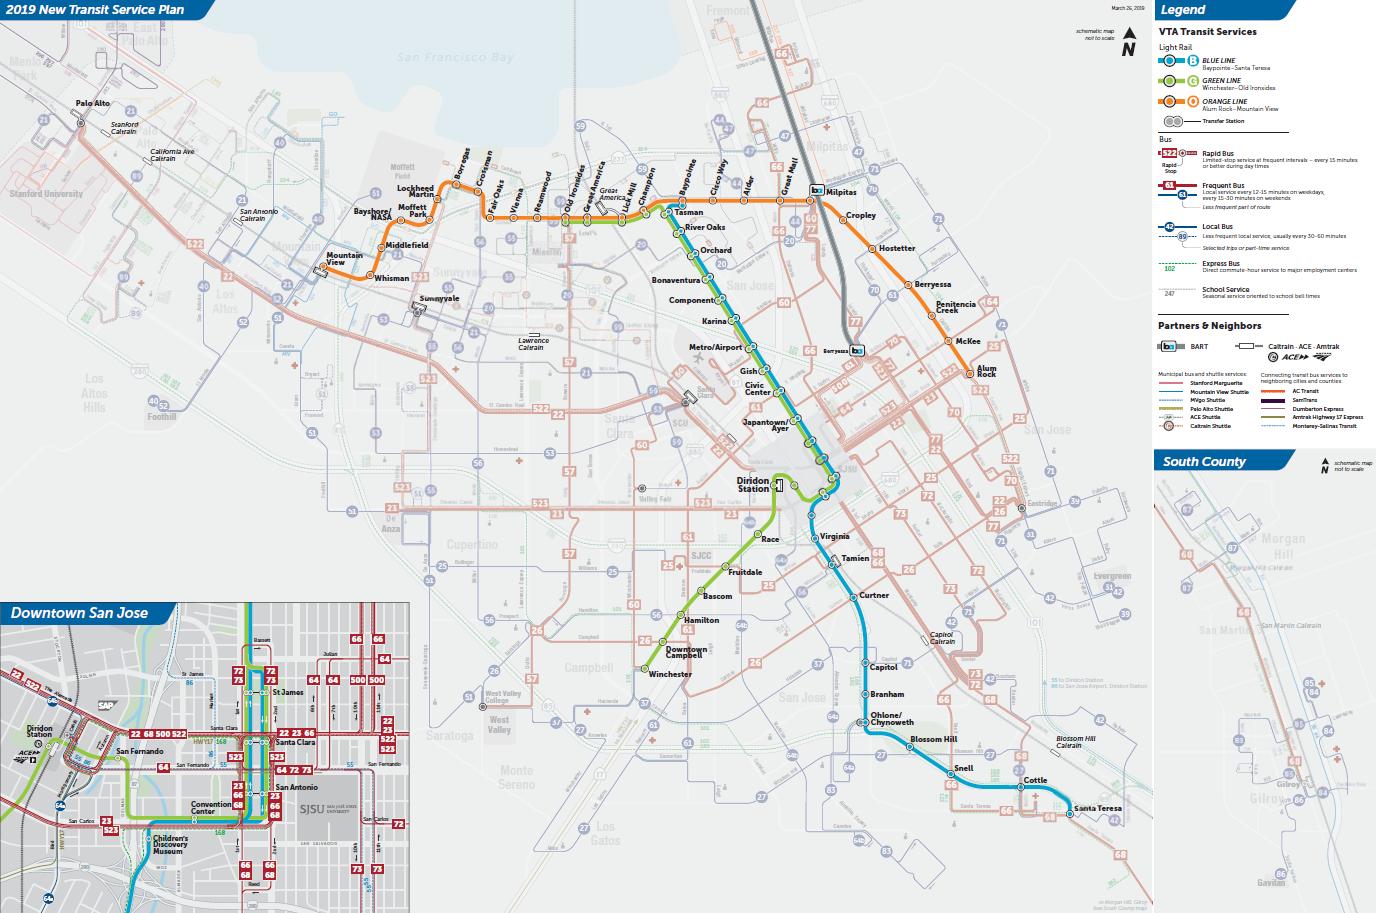 2019년 새로운 최종 교통 서비스 계획 경전철 지도  (PDF)